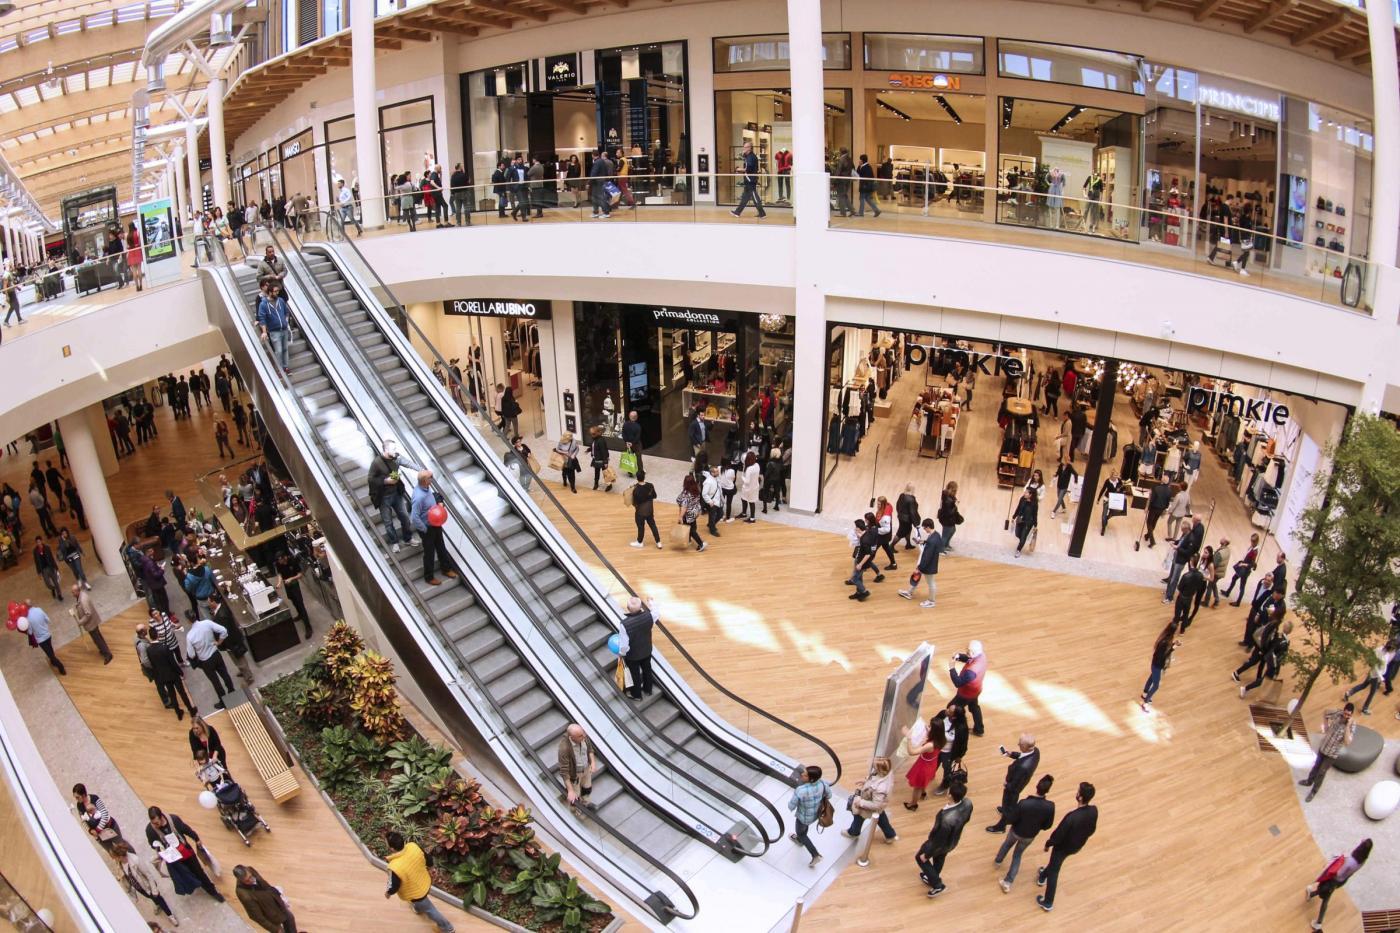 Milano inaugurato ad Arese il centro commerciale piu grande d'Italia